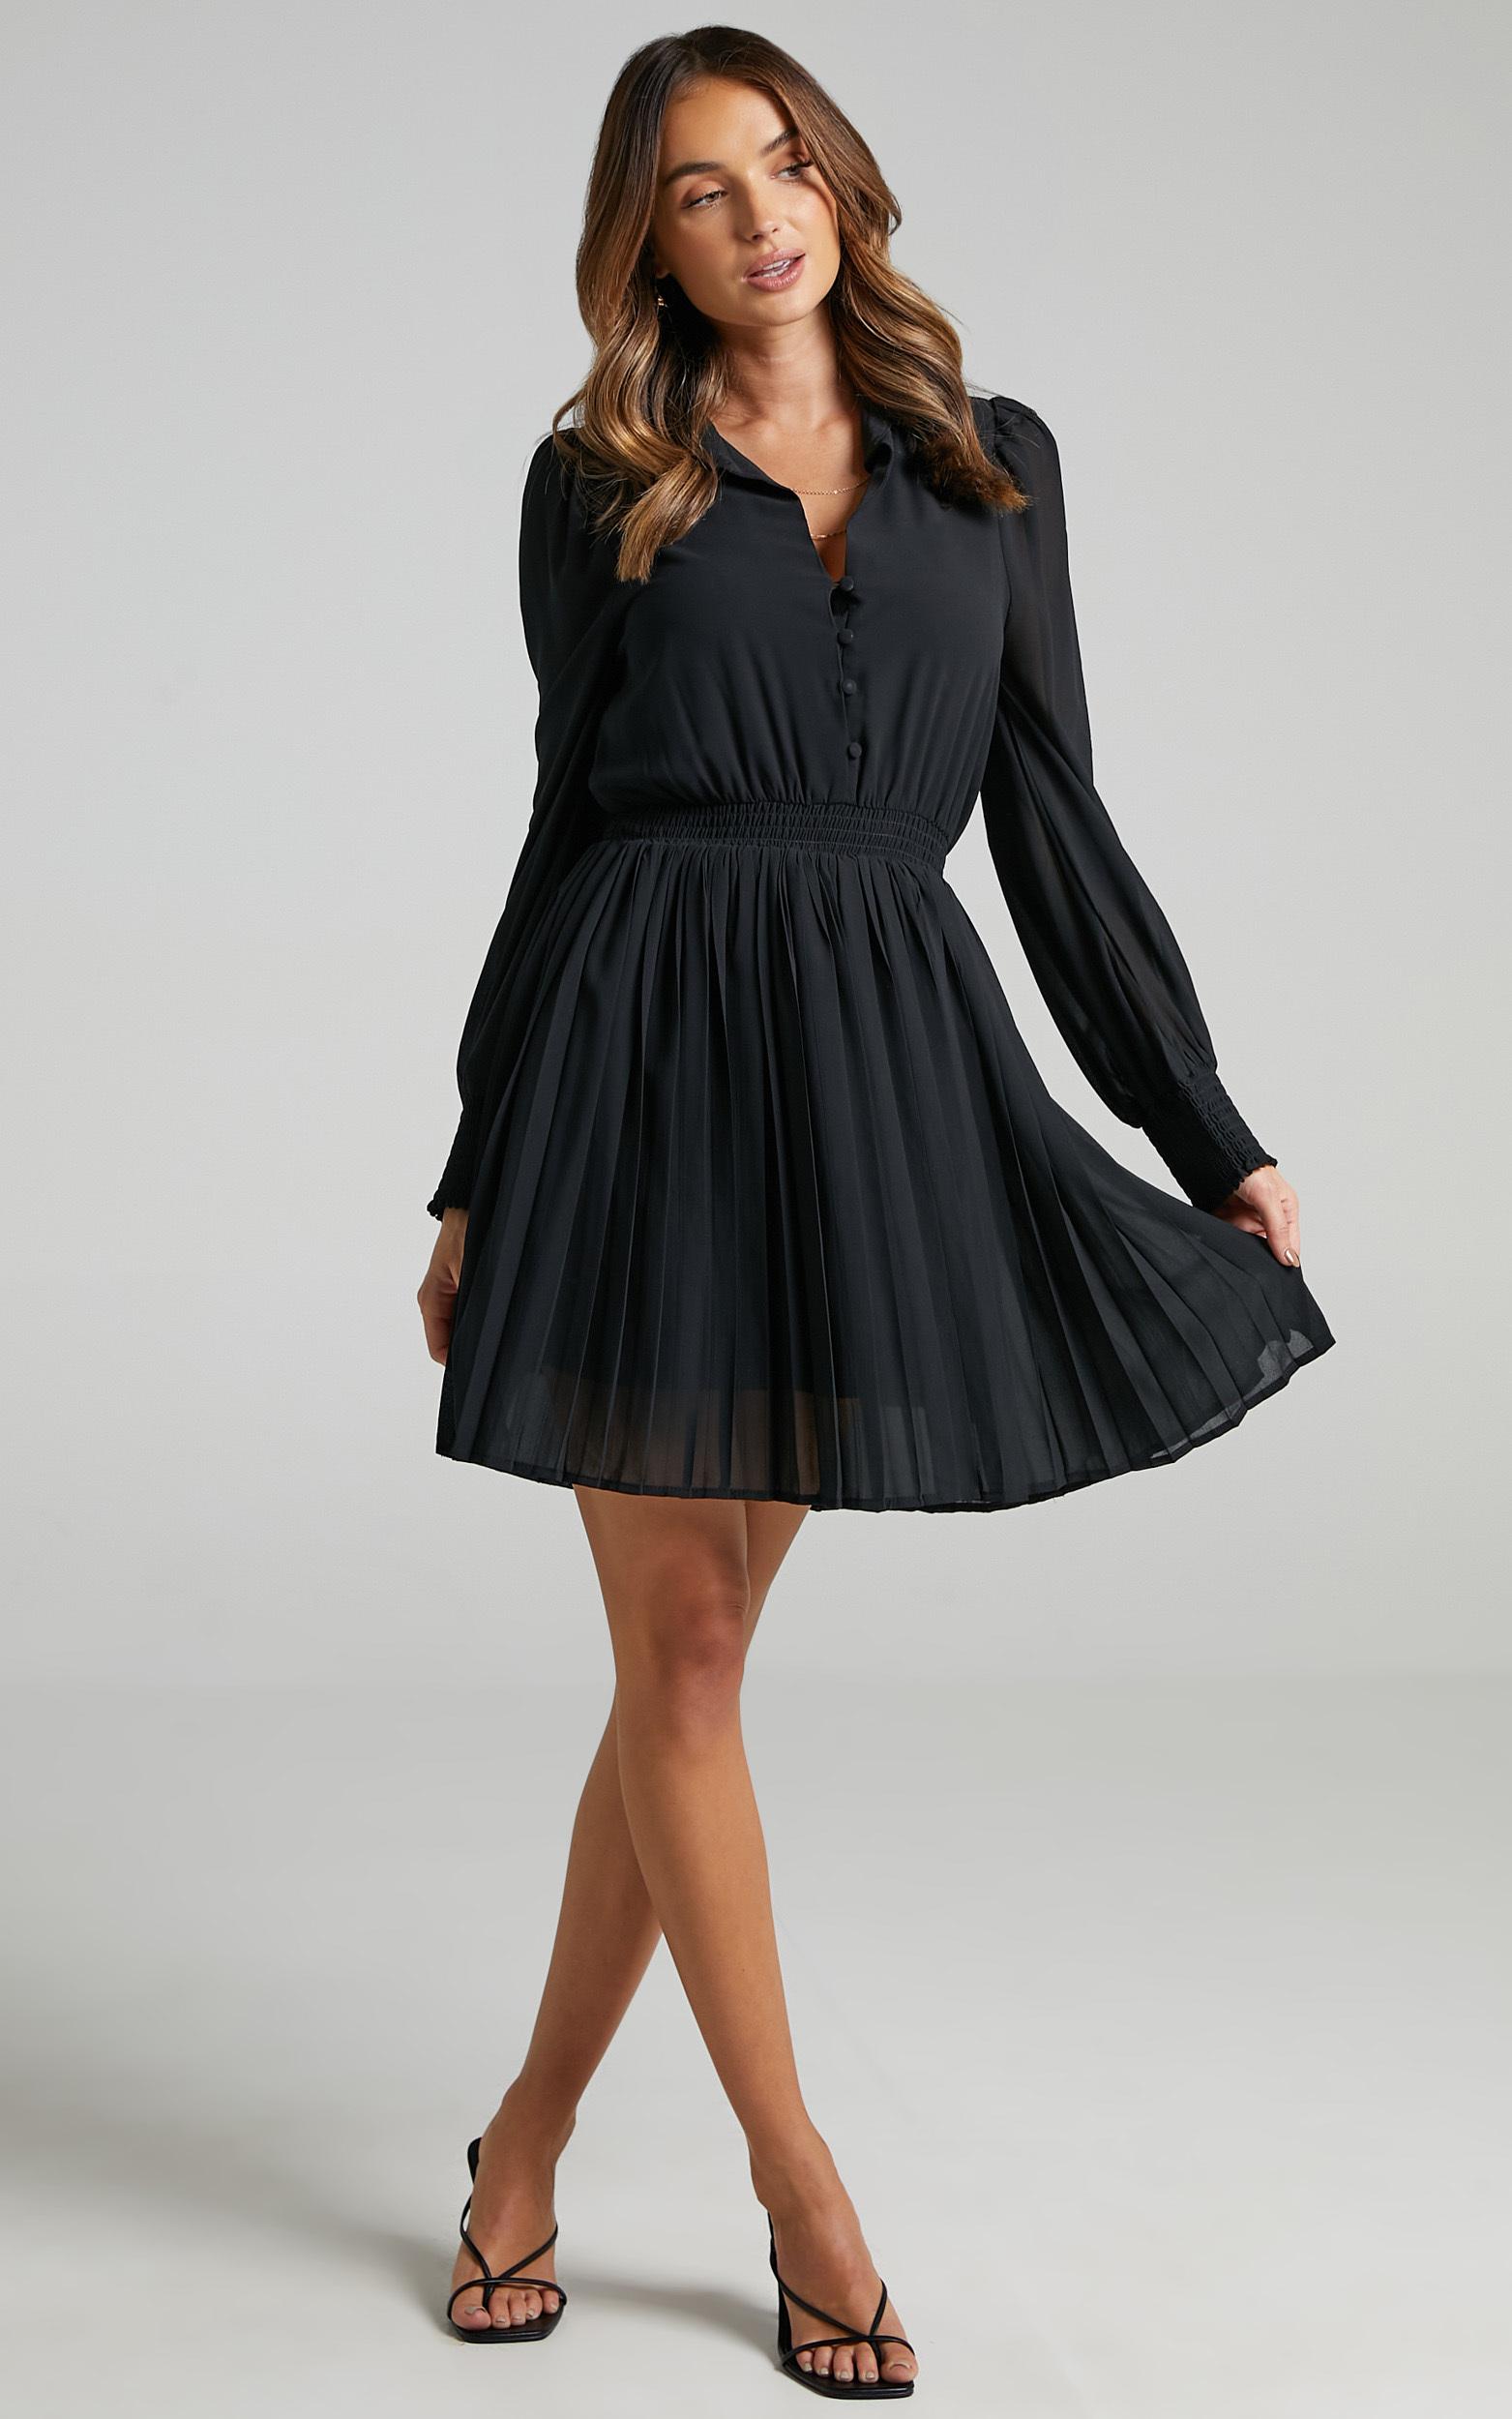 Carmi Dress in Black - 06, BLK1, hi-res image number null